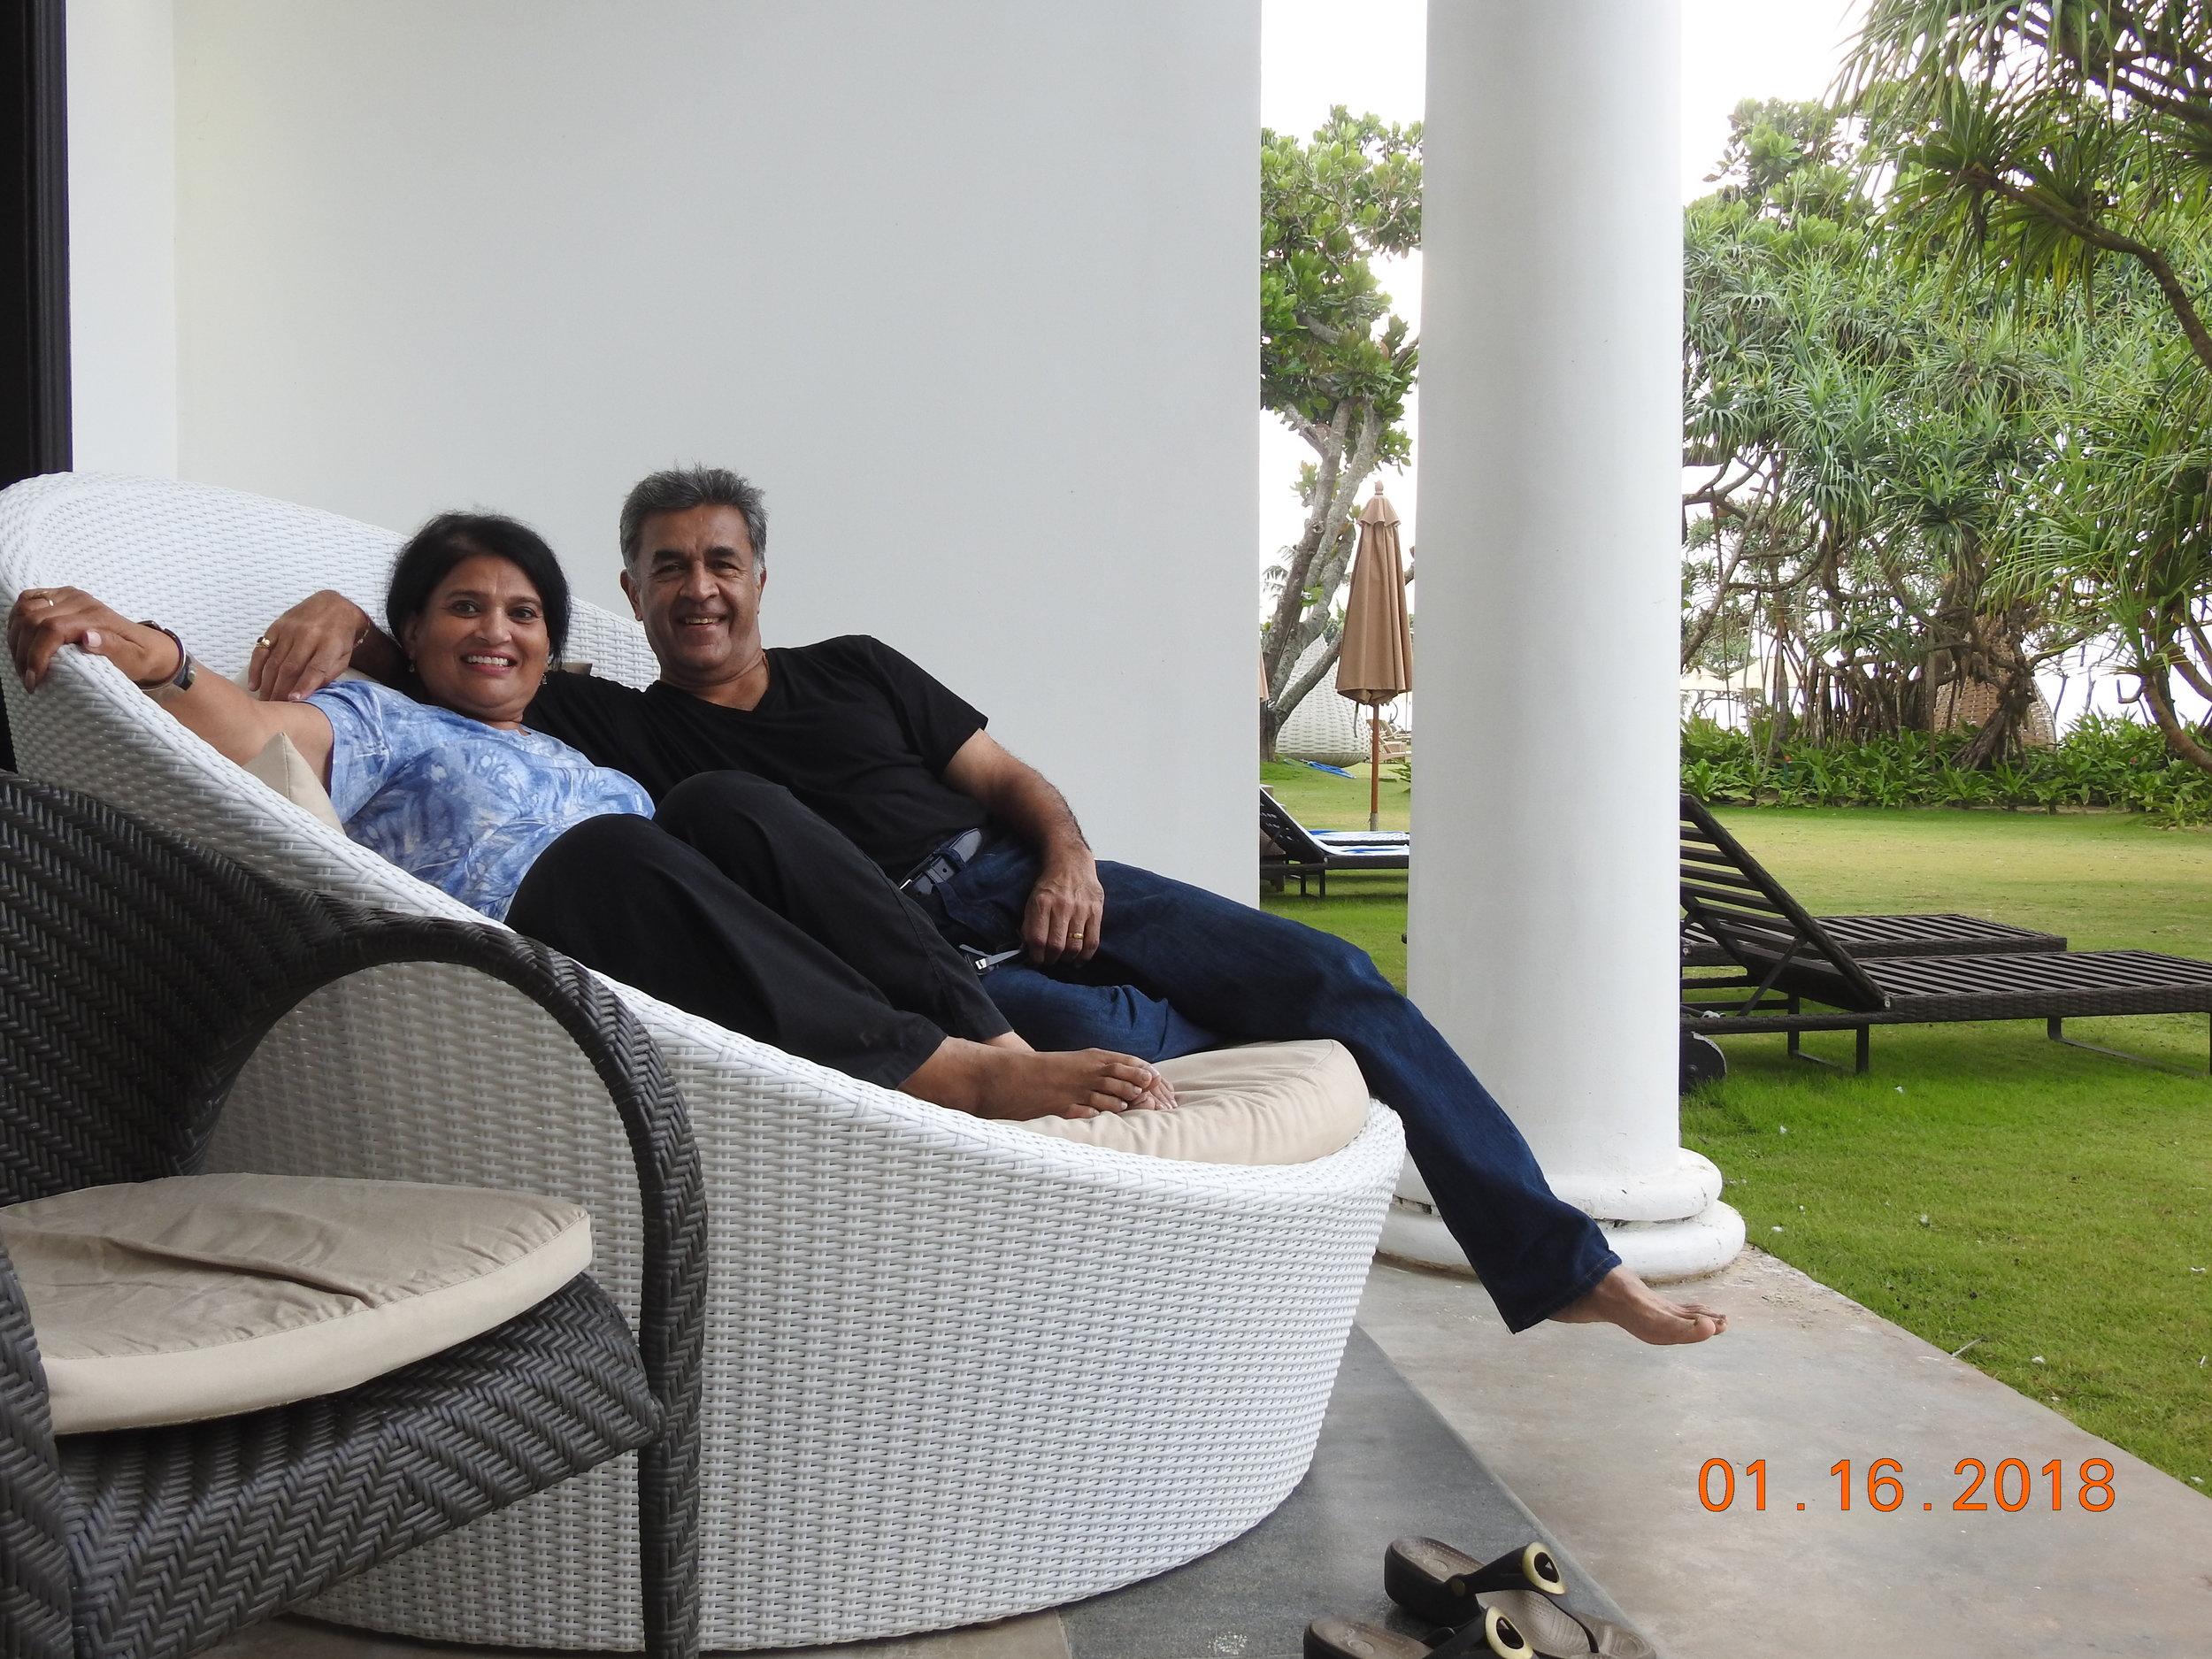 Vidyut & Nutan Holiday  Click to see photos and feedback